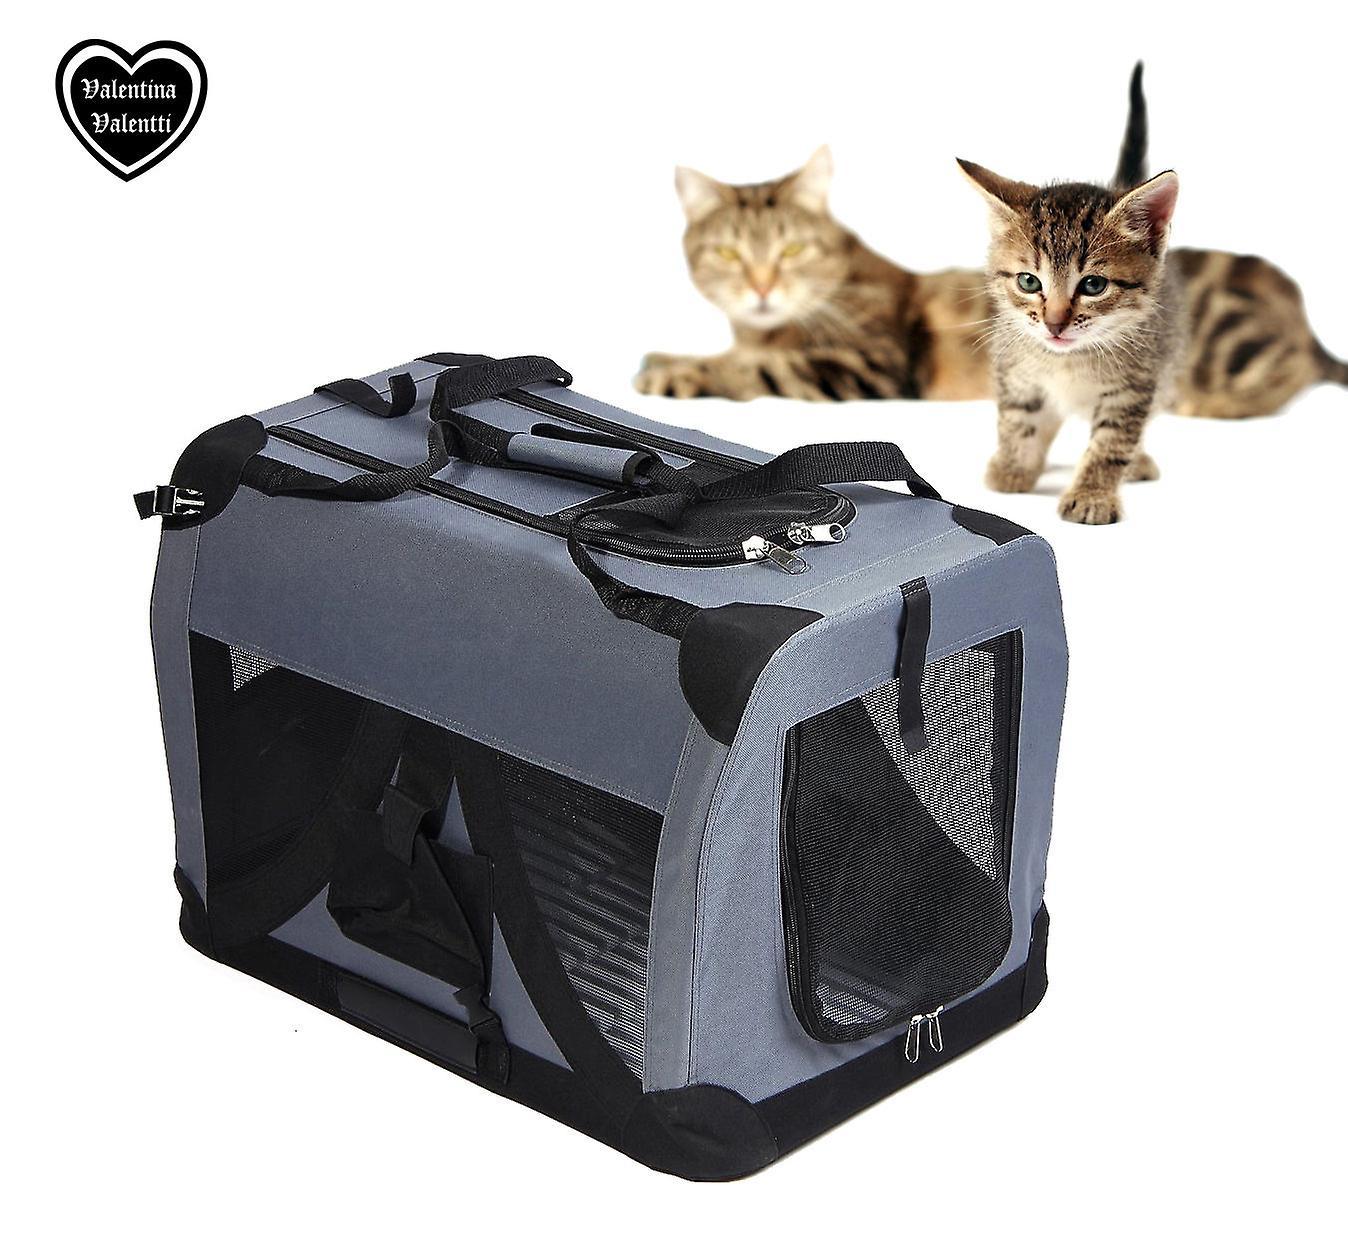 Valentina Valentti gatto gattino Canvas Pet Carrier trasporto cassa morbido piccolo S